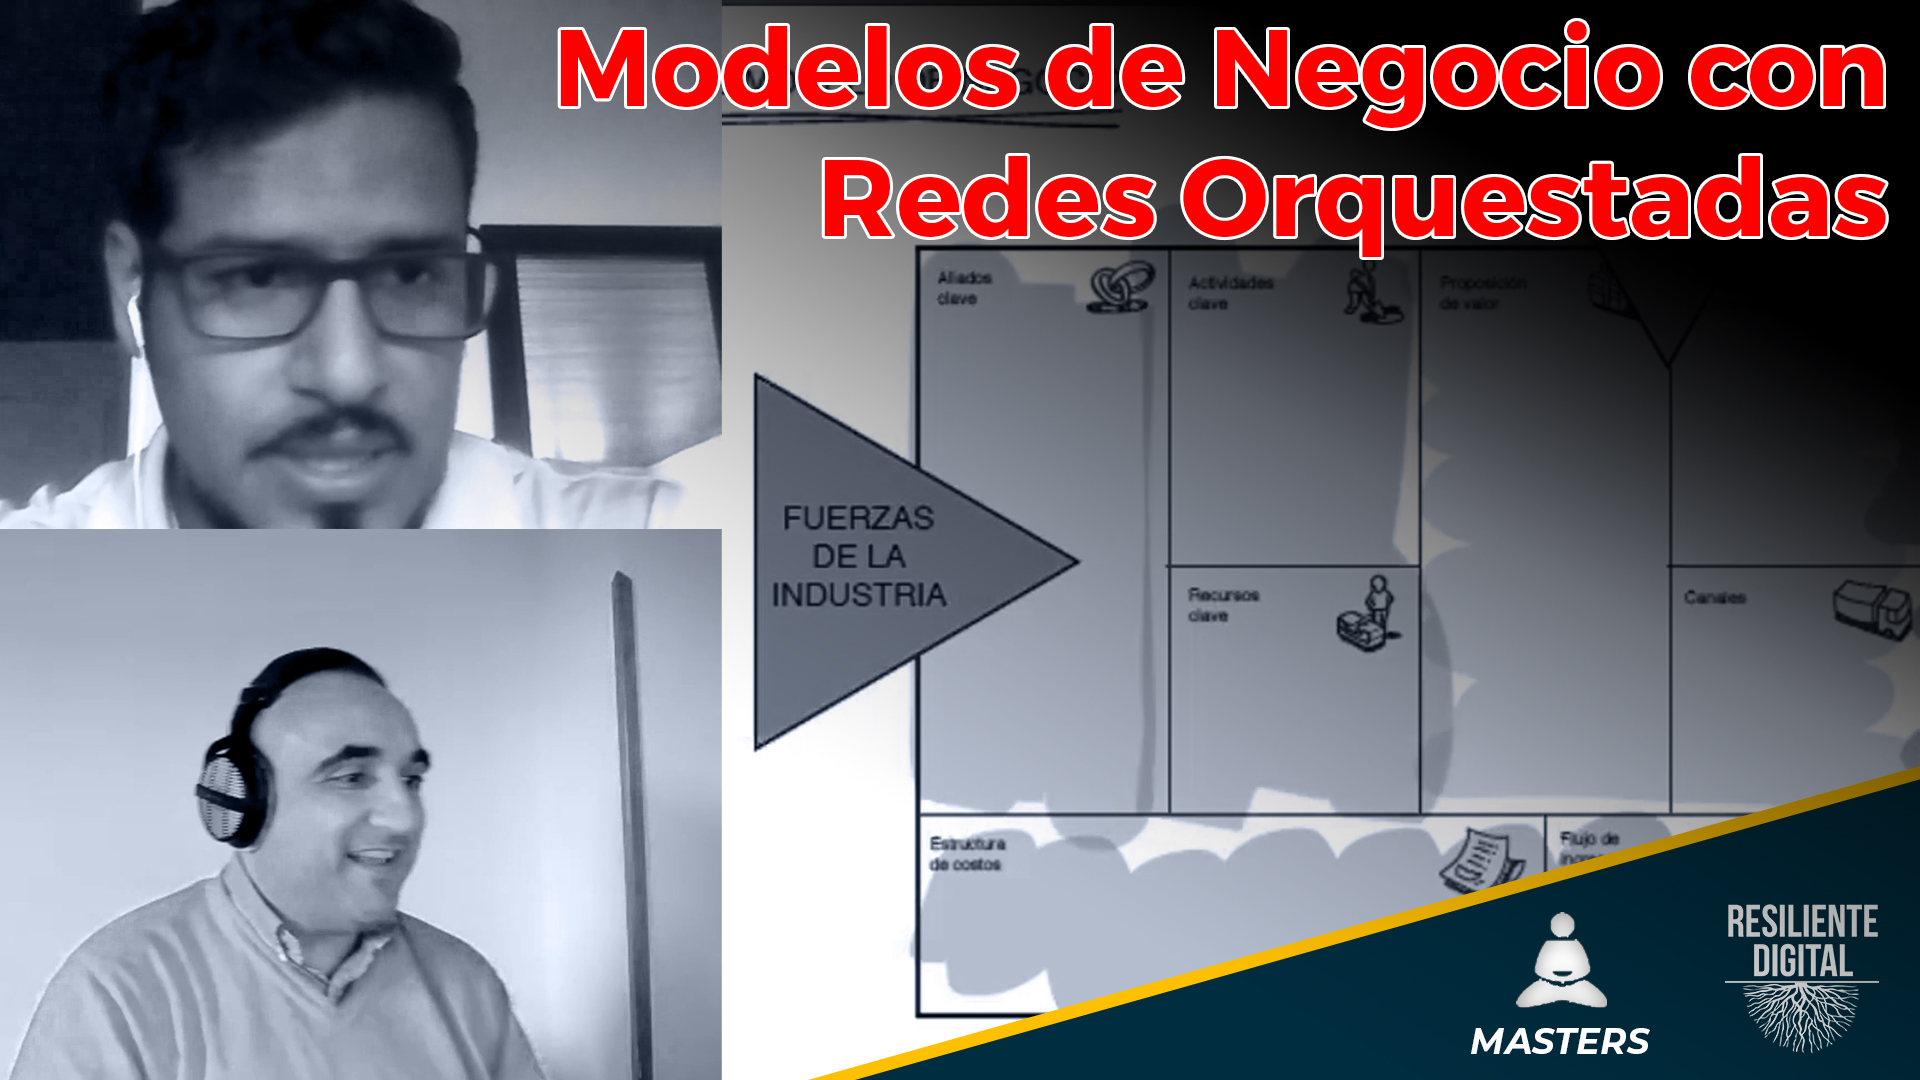 Modelos de Negocio con Redes Orquestadas